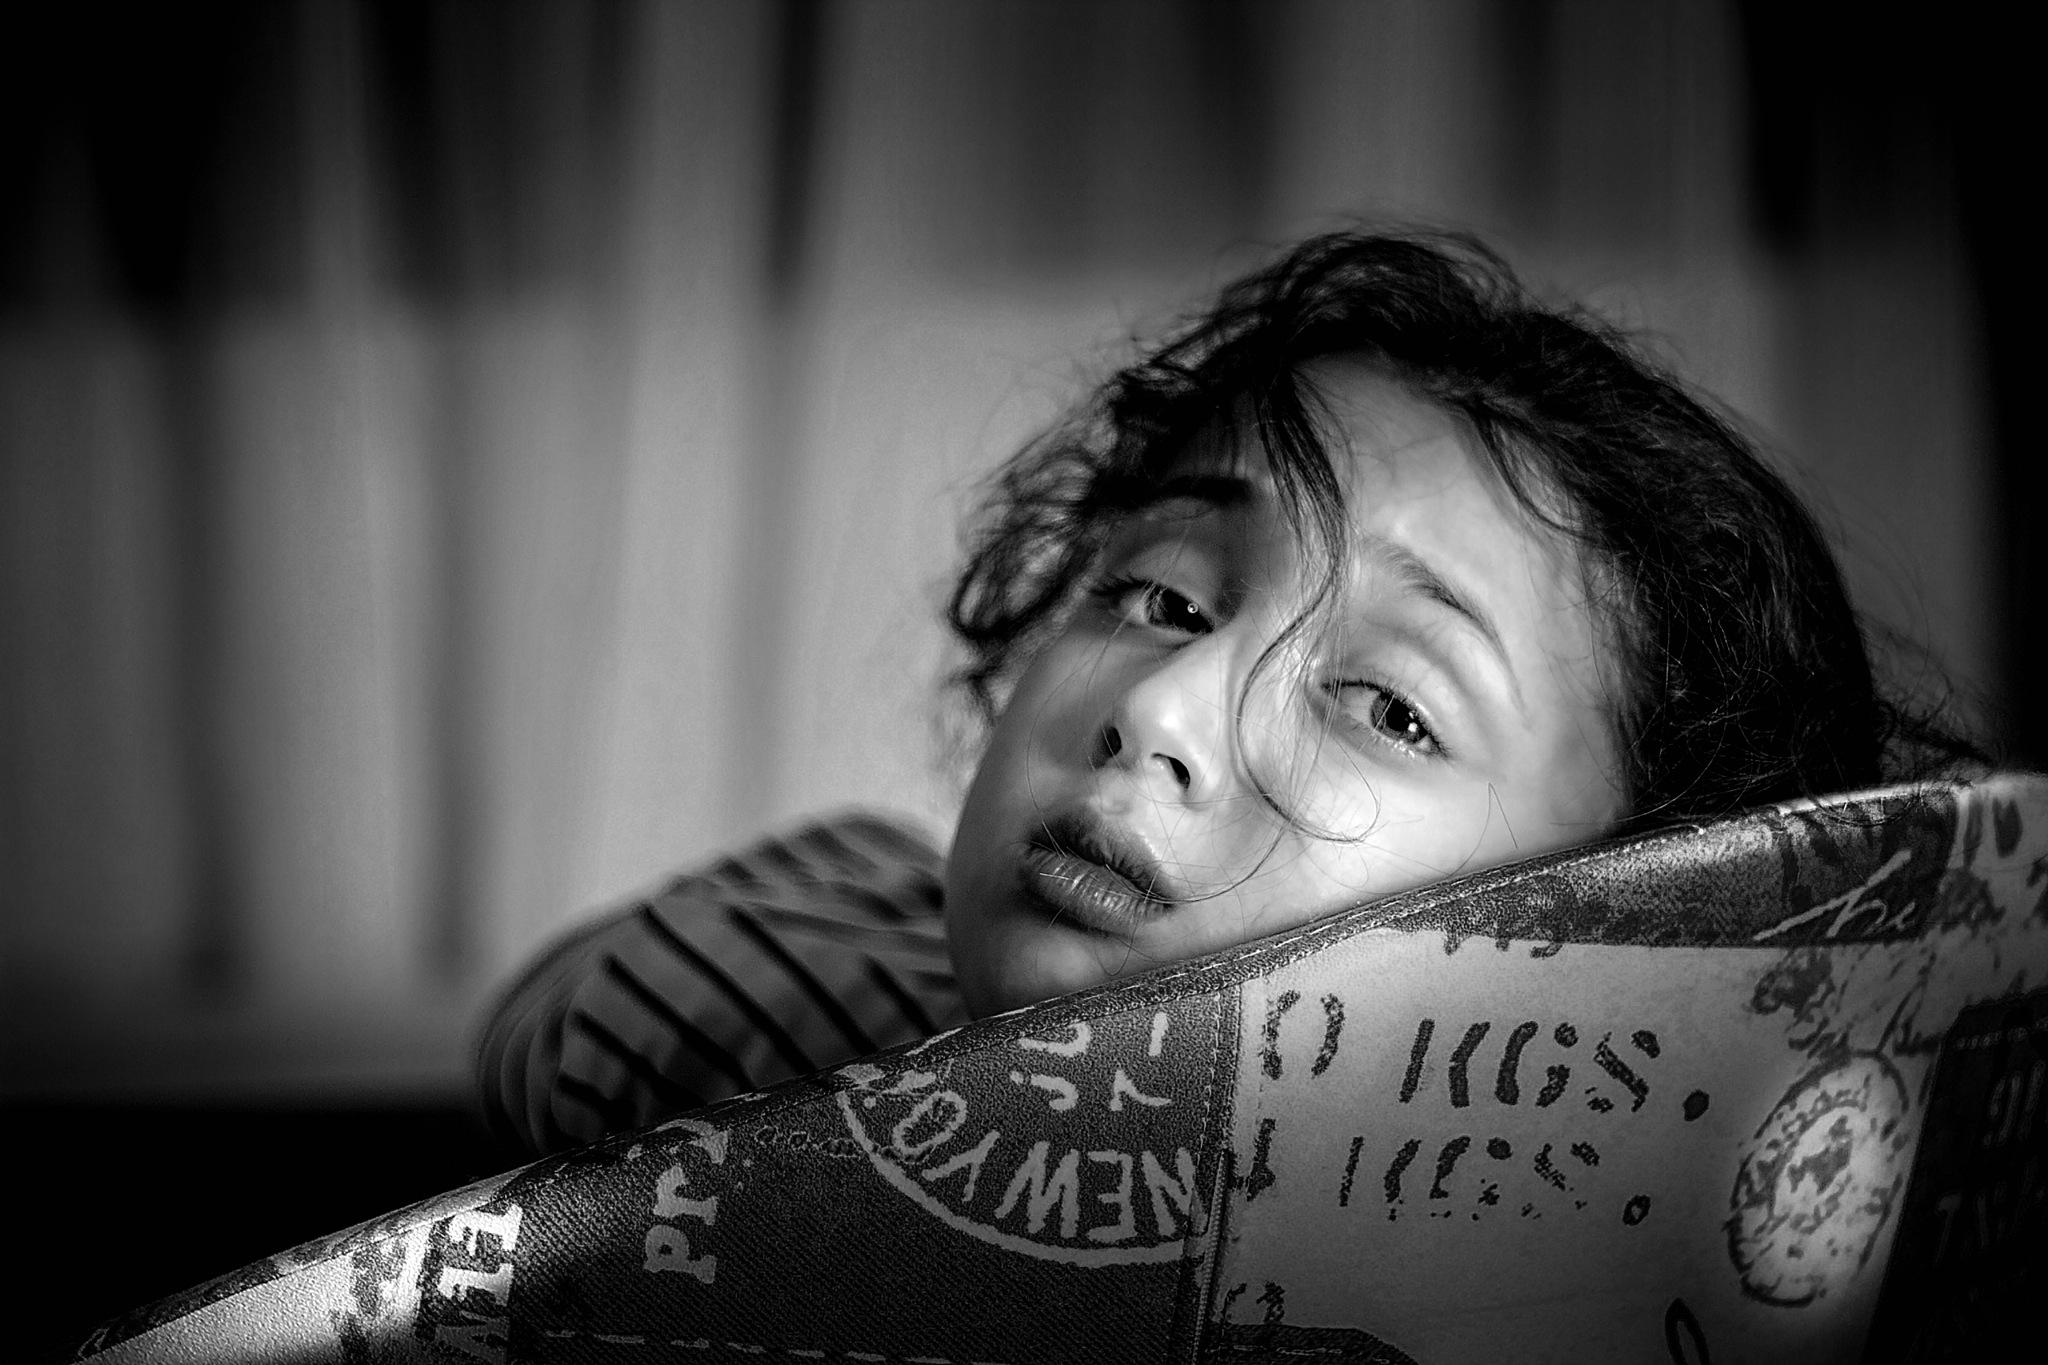 Sleepy Eyes#2 by Riad Zbeida